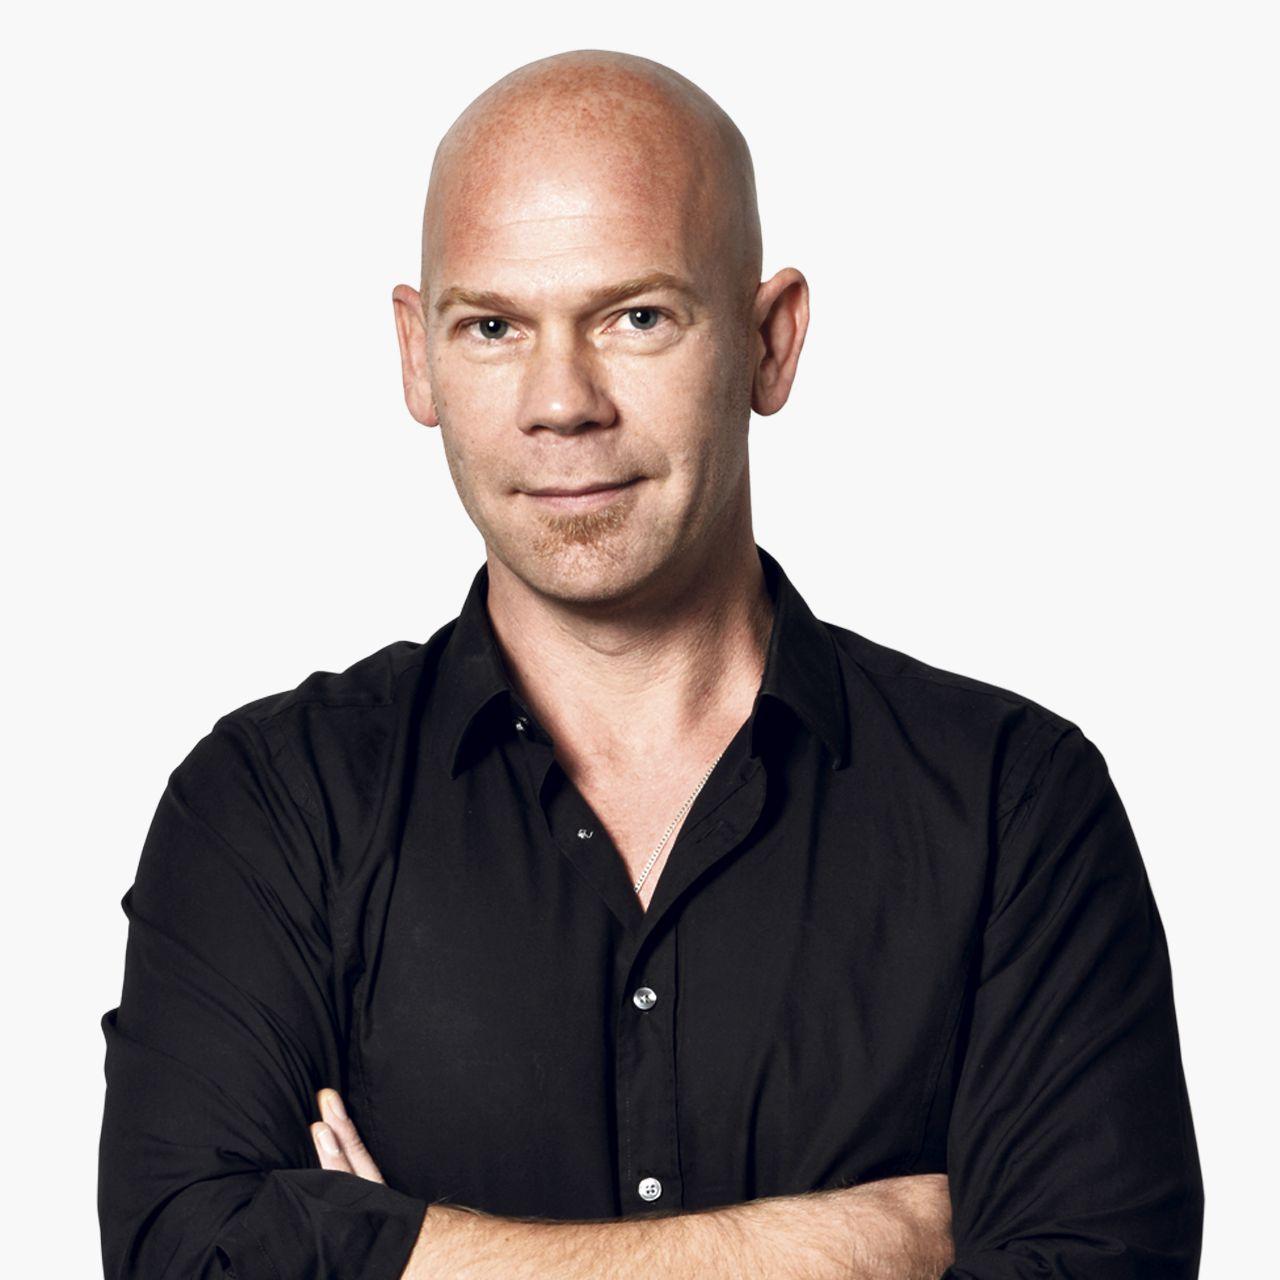 Marc Hijink